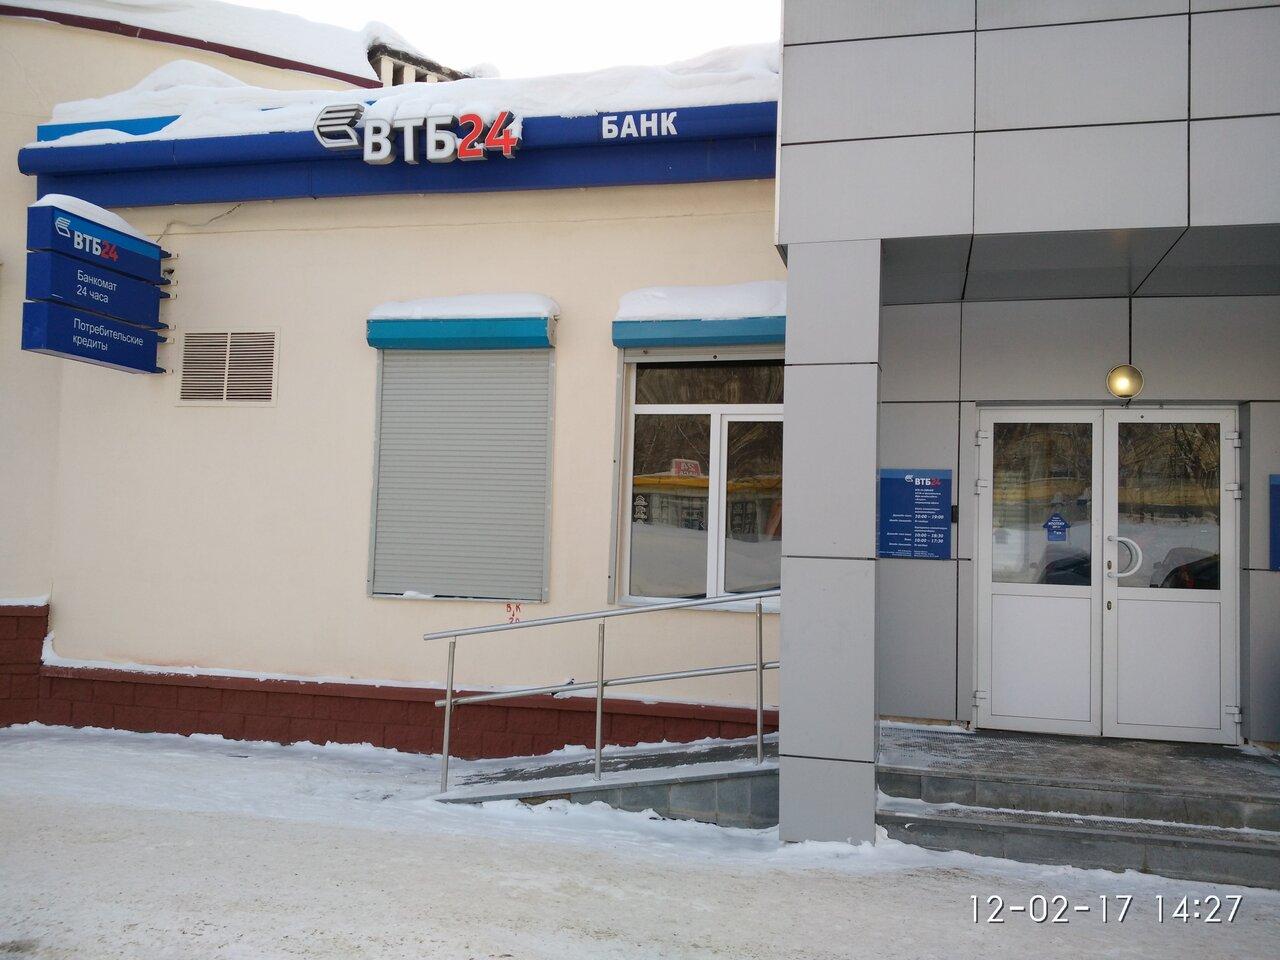 банк втб 24 в уфе адреса телефоны цюрупа 79 займ онлайн на карту без предоплат